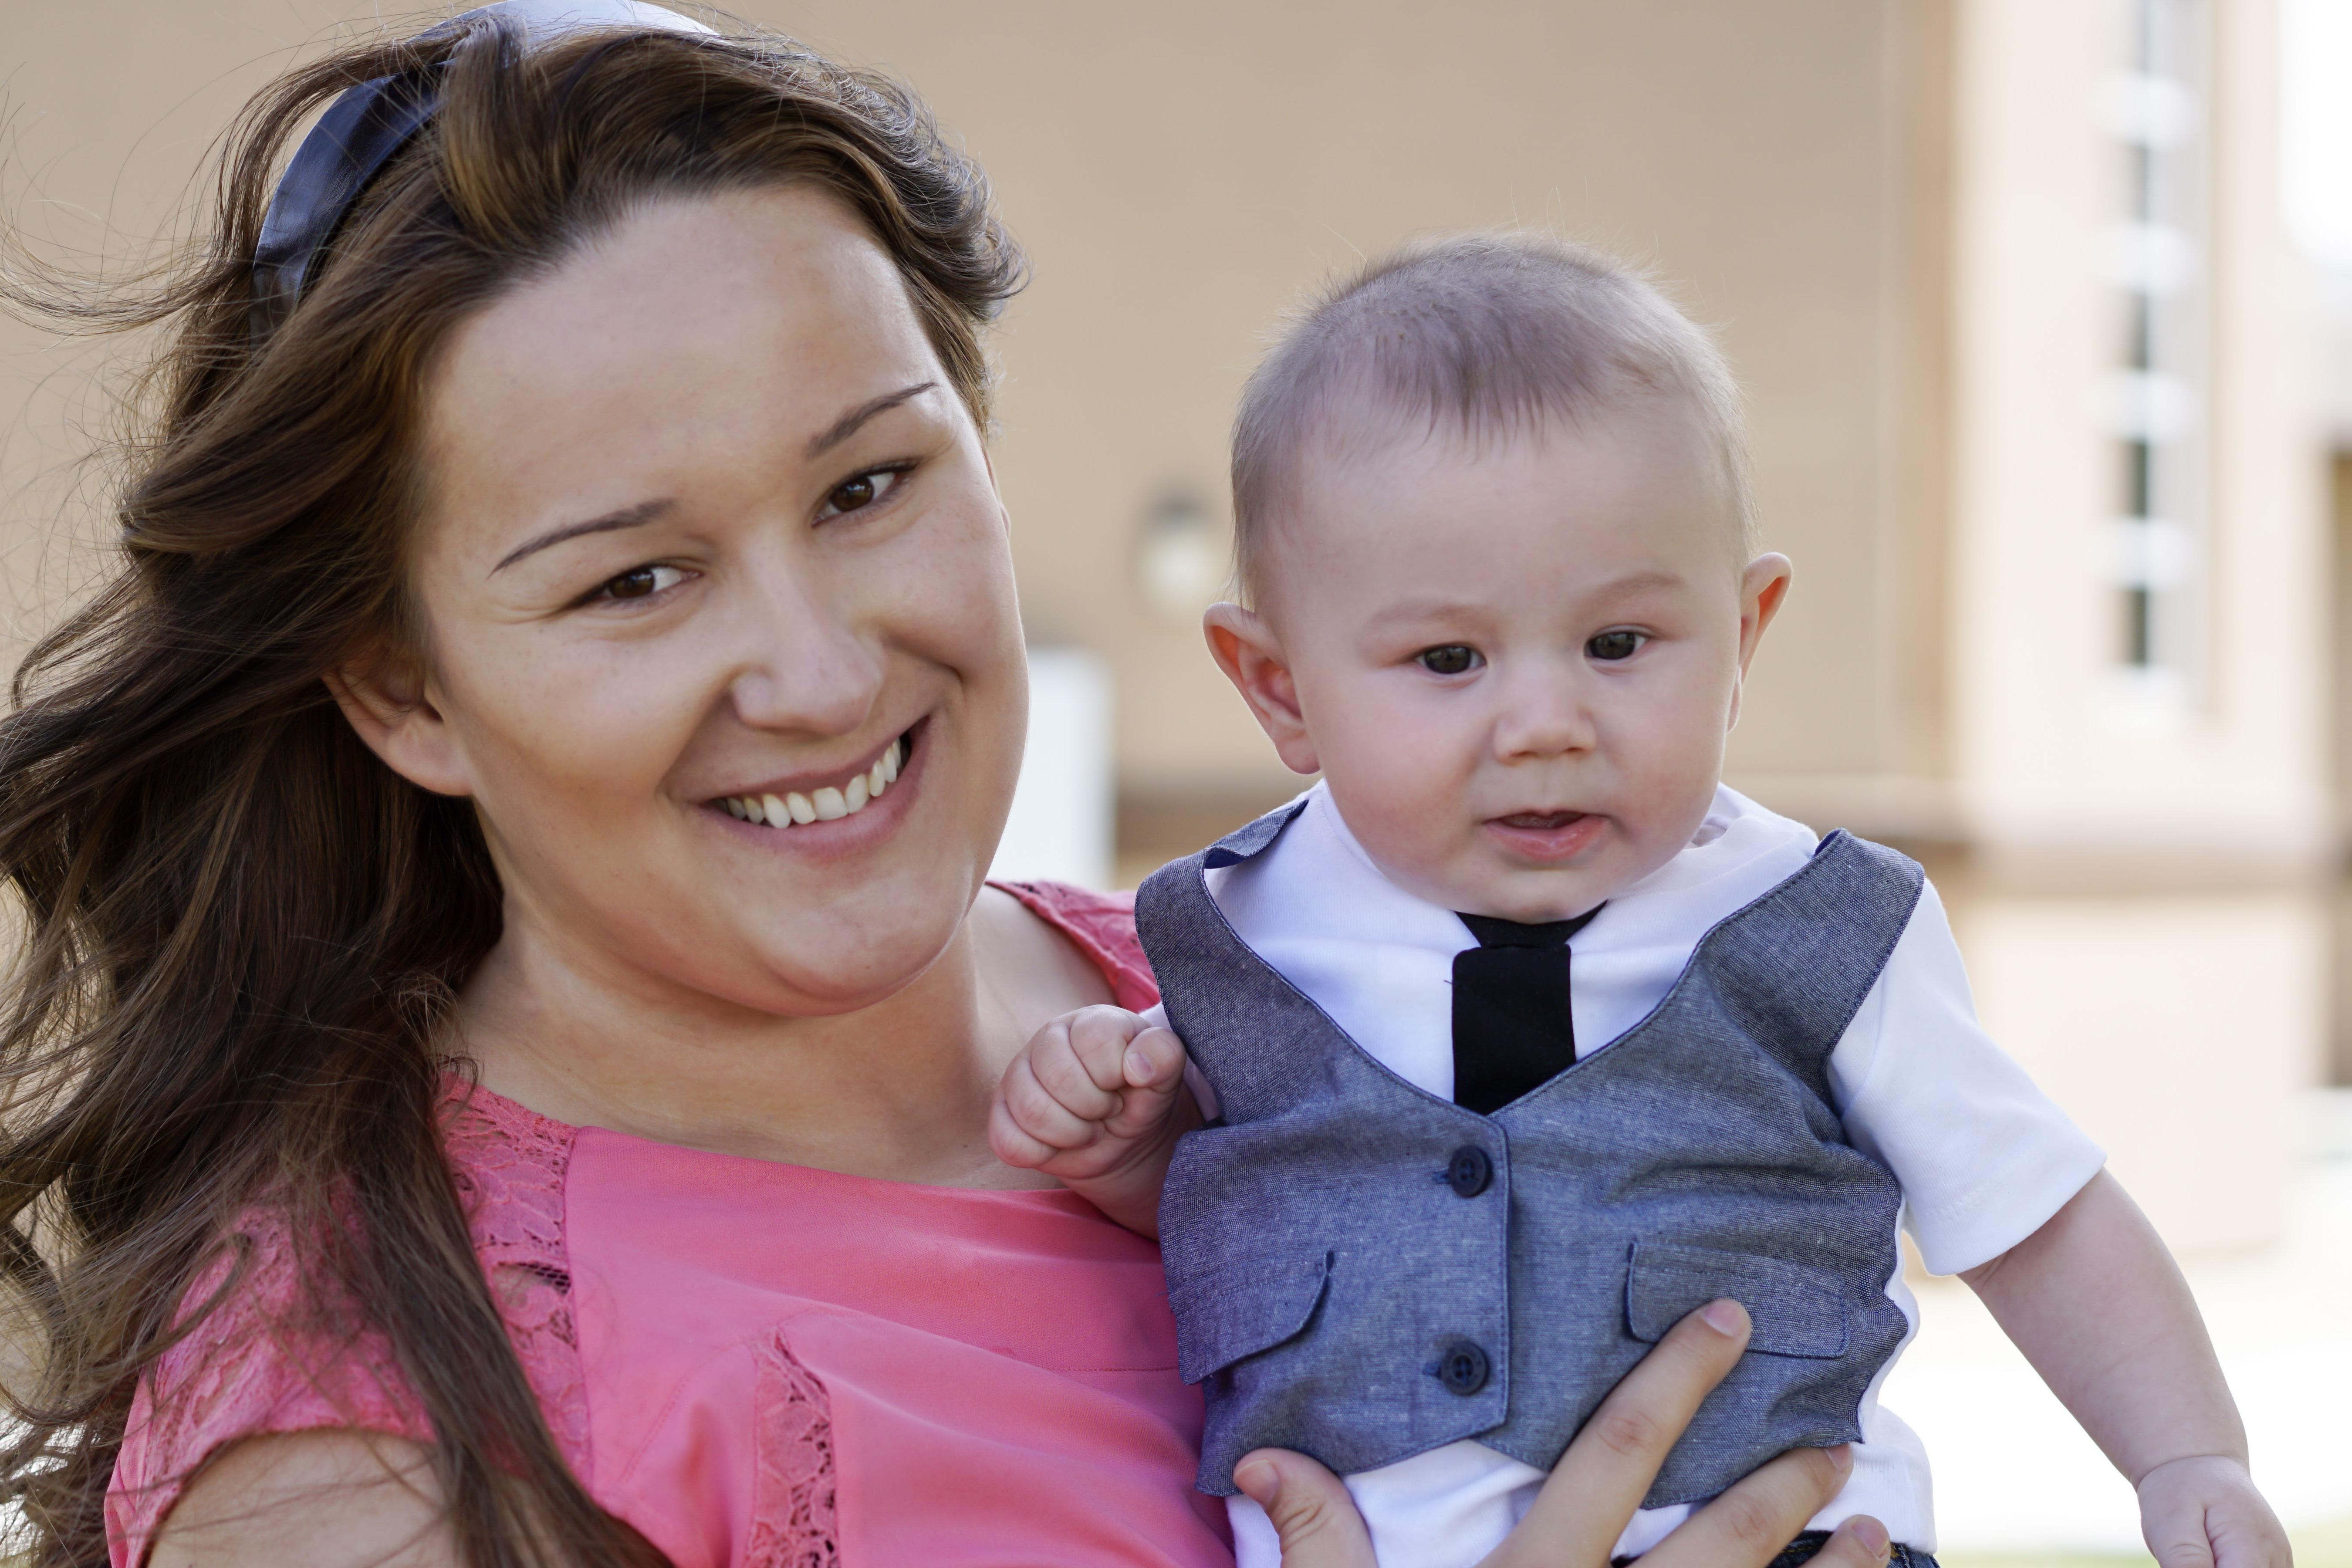 Fotoshooting Nimmt Für Mutter Und Sohn Heiße Wendung